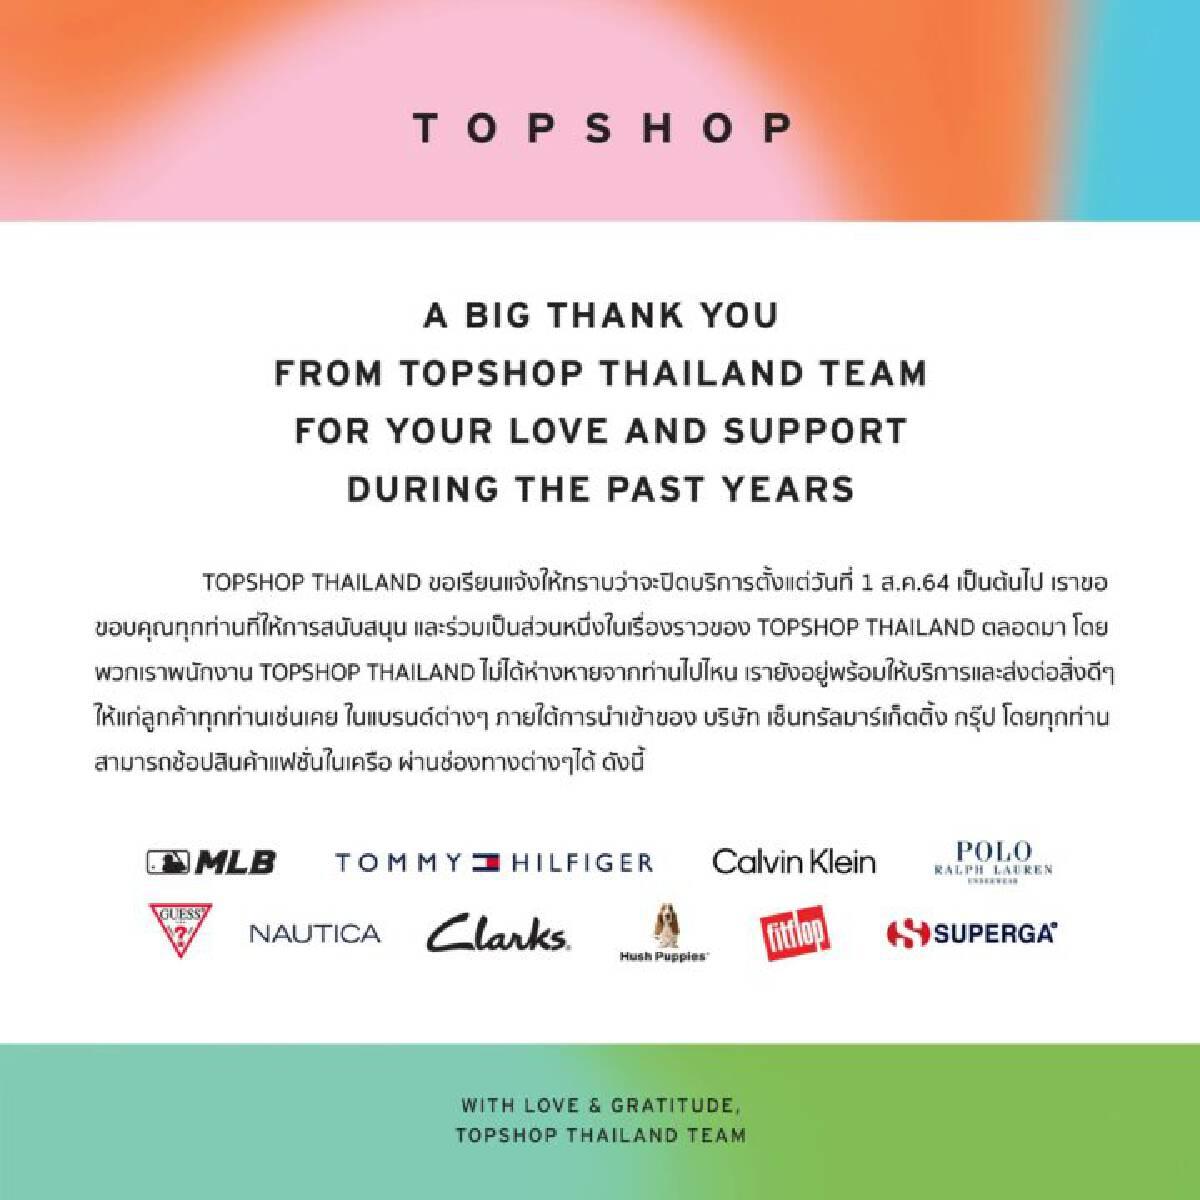 TOPSHOP THAILAND ประกาศปิดบริการตั้งแต่ 1 ส.ค. 64